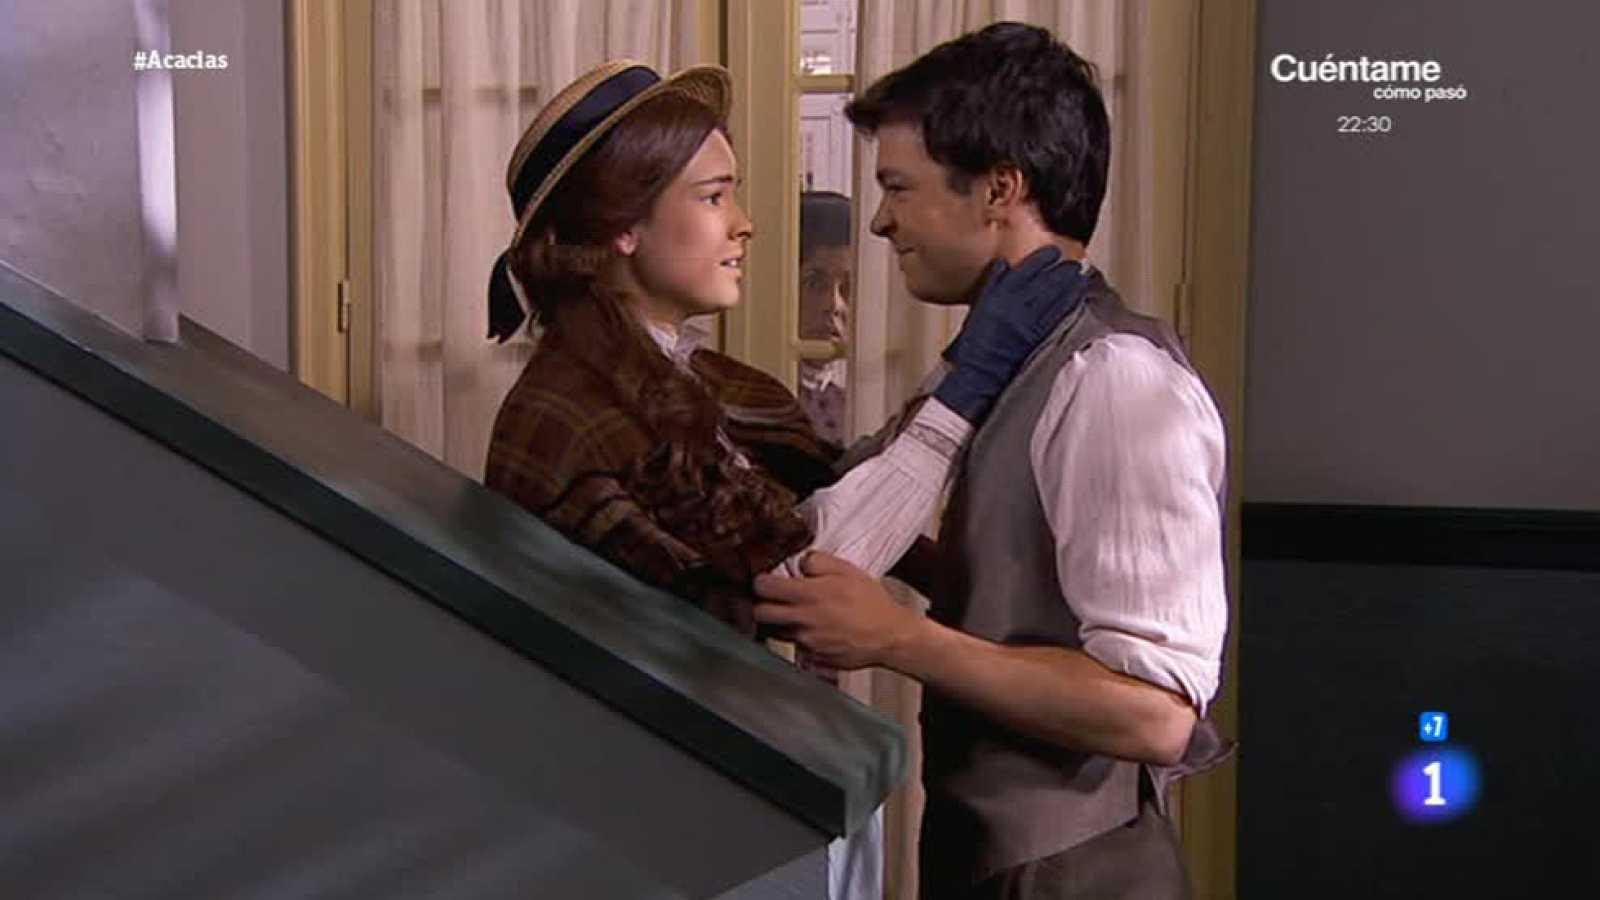 'Acacias 38' - Rosina pilla a Leonor y Pablo